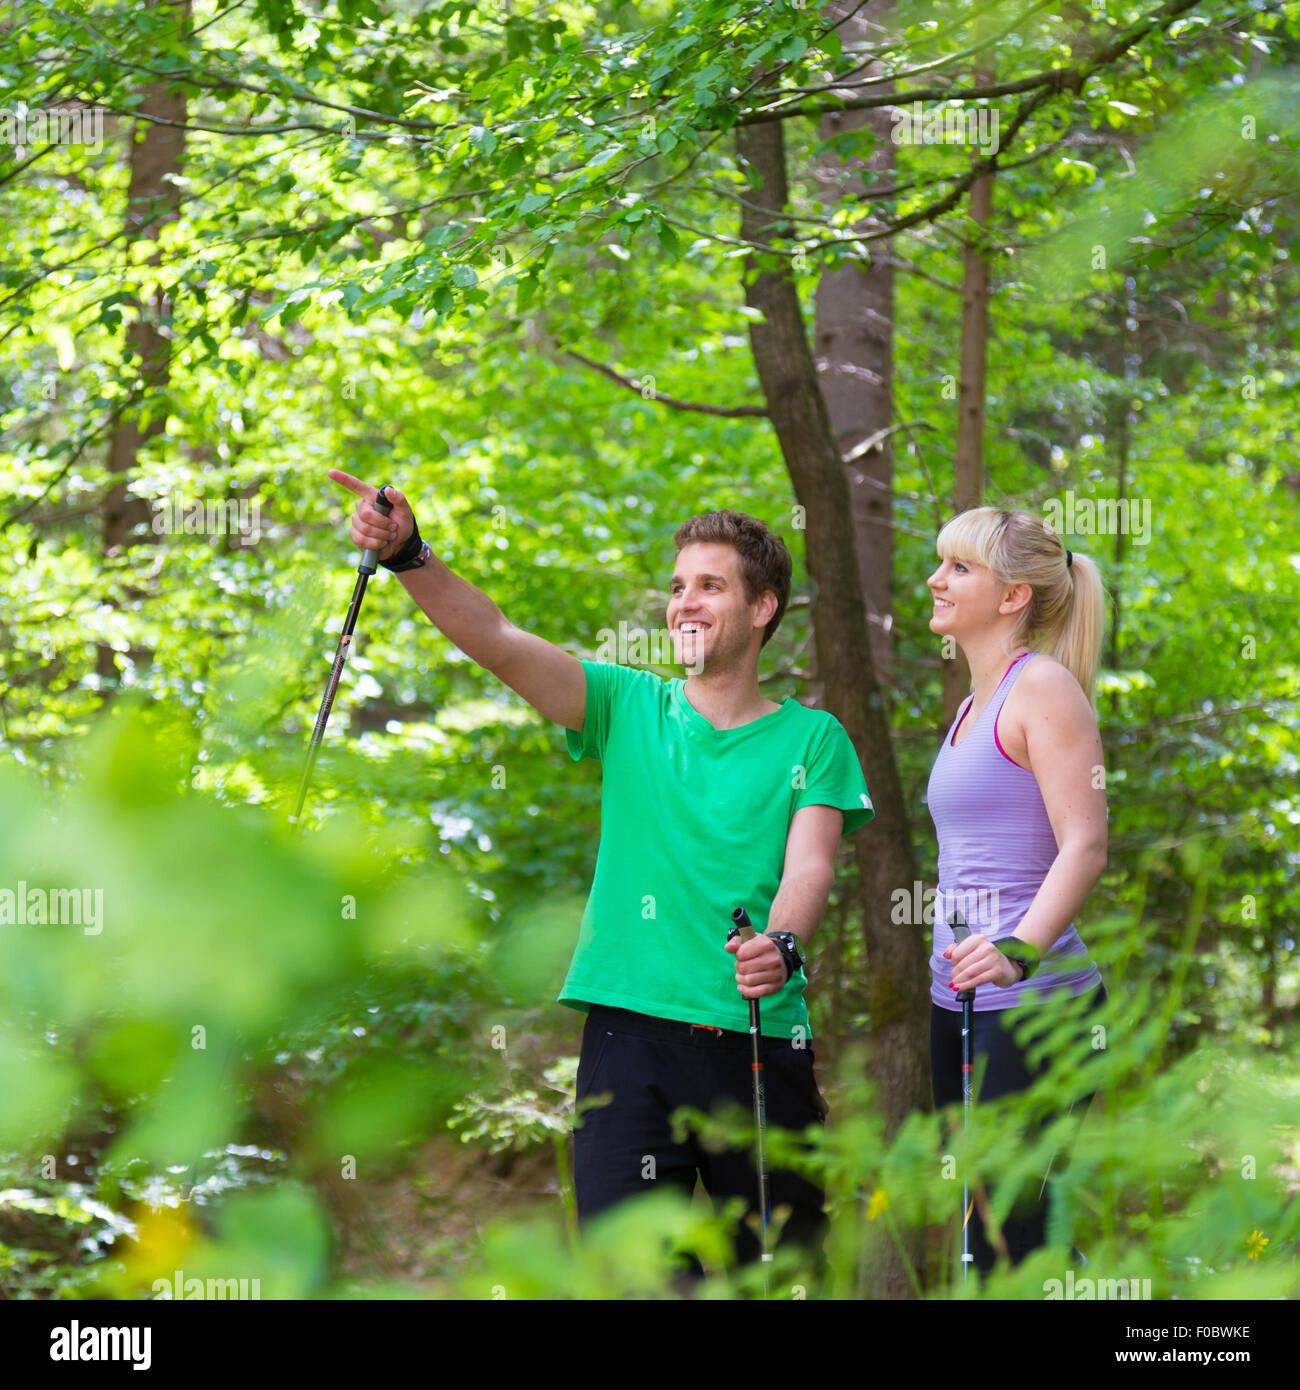 Lebensstil in der Natur. Stockbild